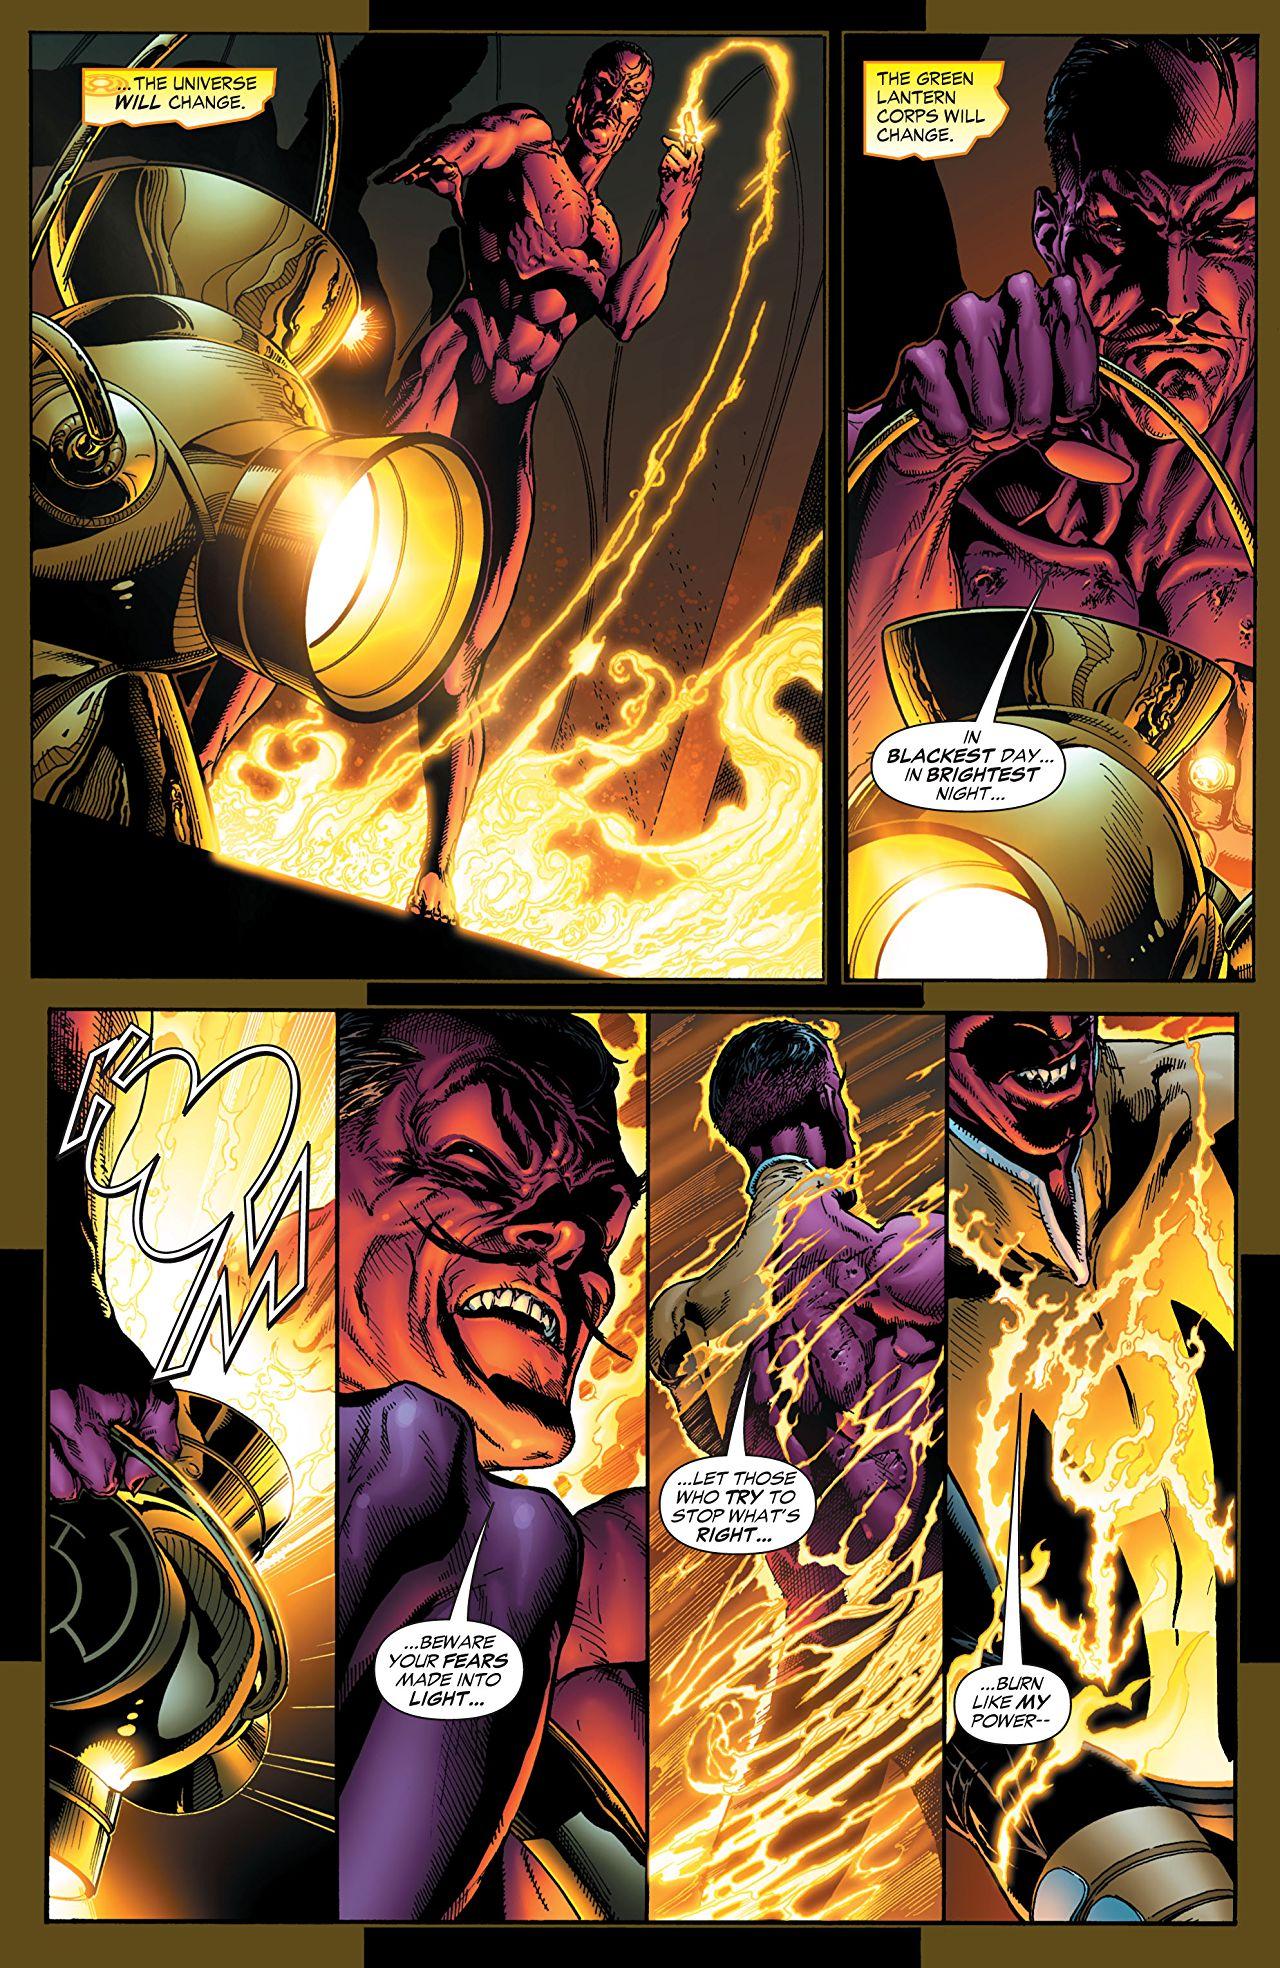 Green Lantern Sinestro Corps War